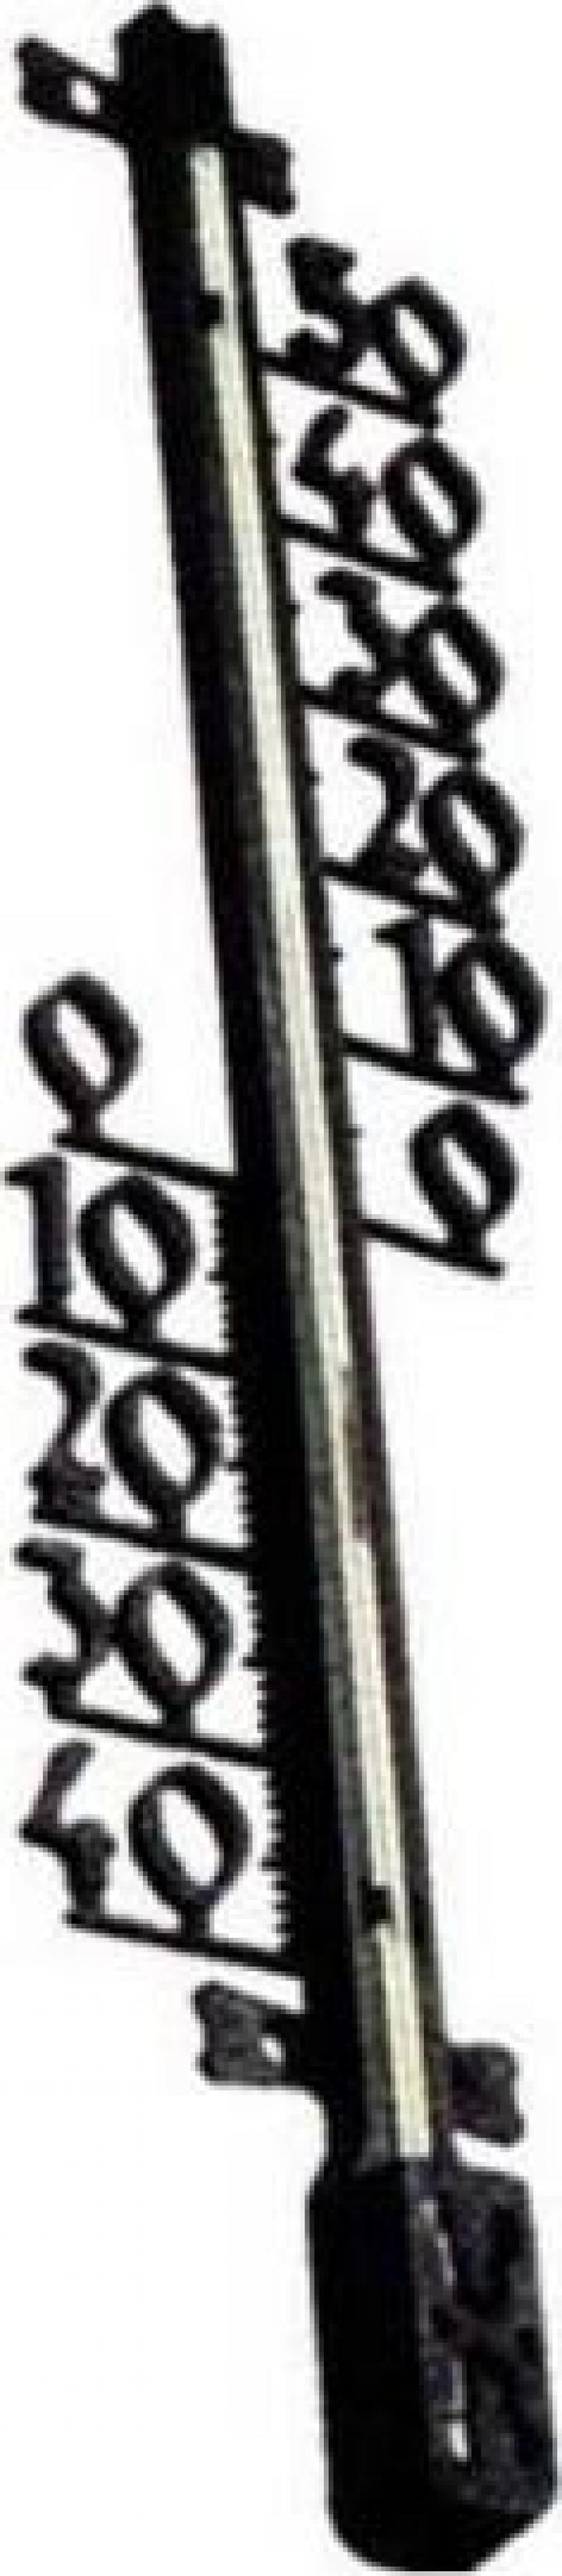 Termometru Strend Pro TMS-157 Decora, 470x110x25 mm, plastic